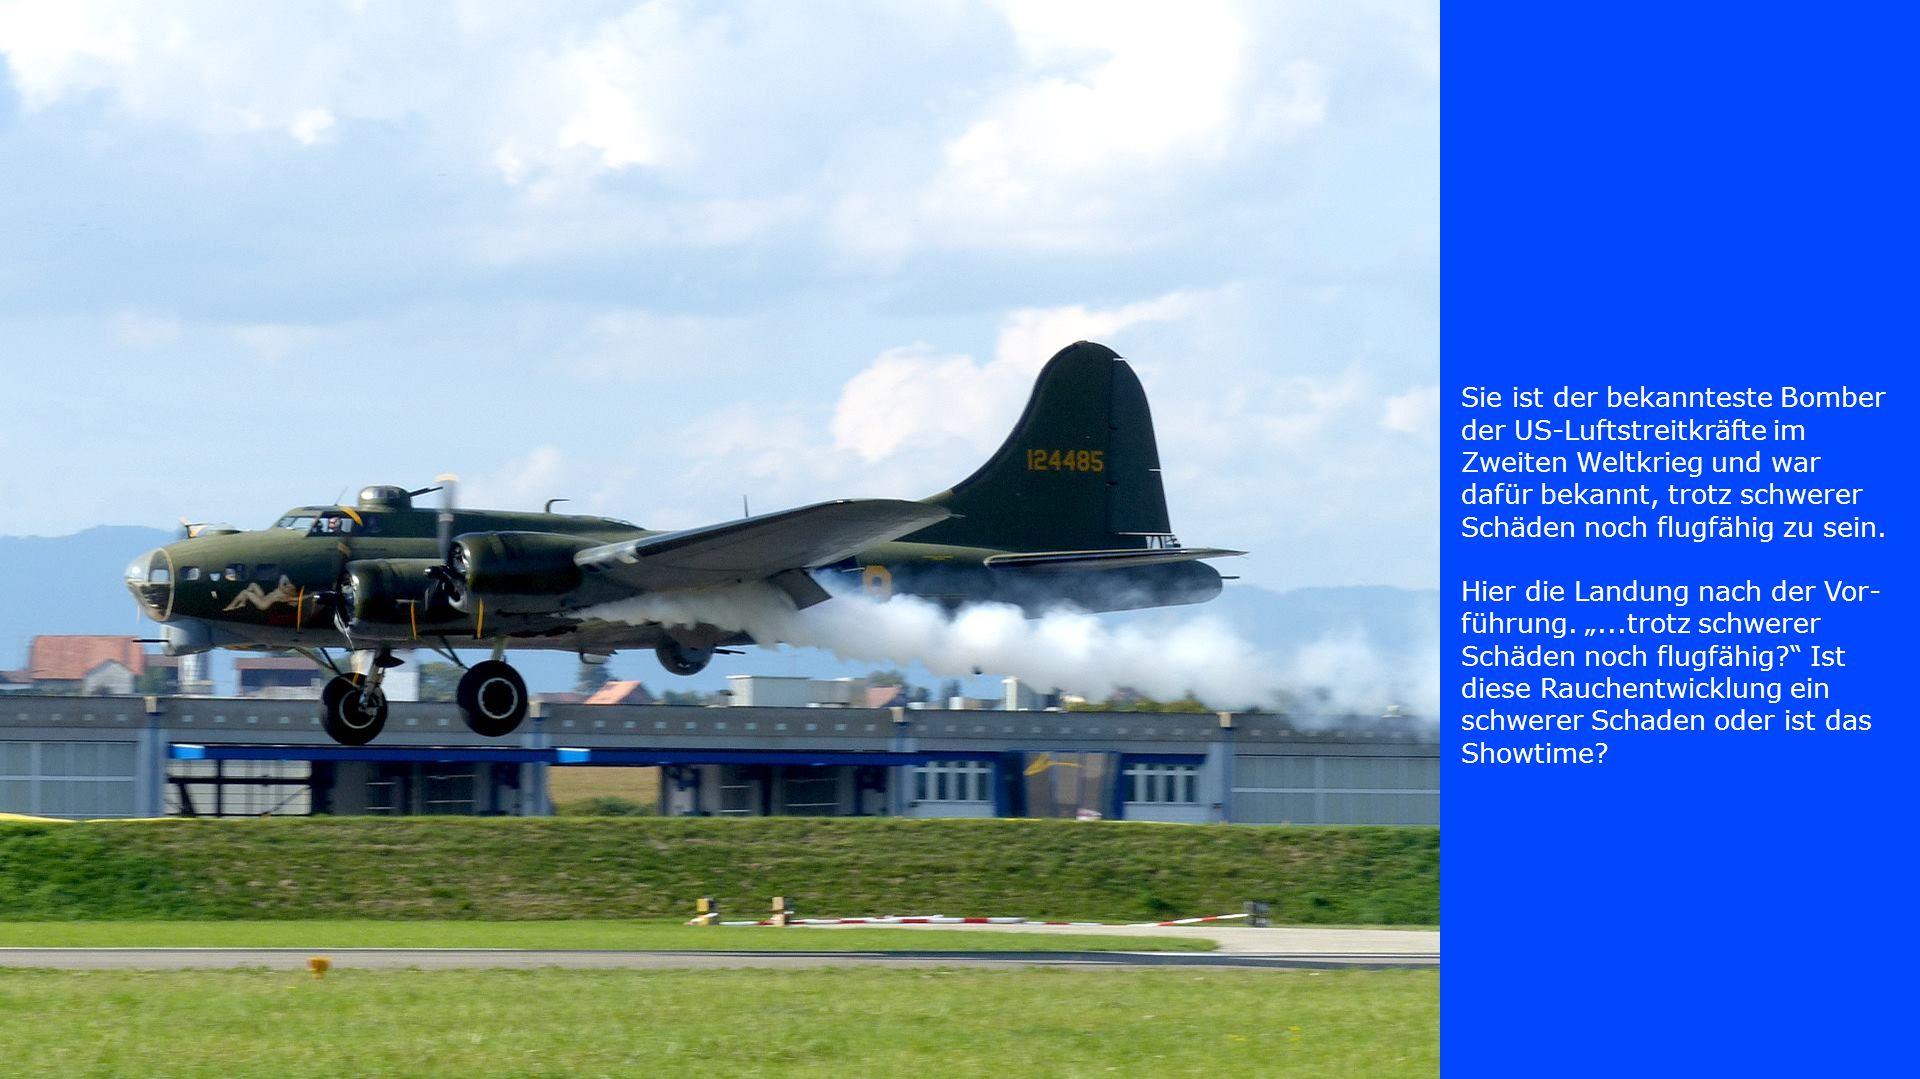 Sie ist der bekannteste Bomber der US-Luftstreitkräfte im Zweiten Weltkrieg und war dafür bekannt, trotz schwerer Schäden noch flugfähig zu sein.